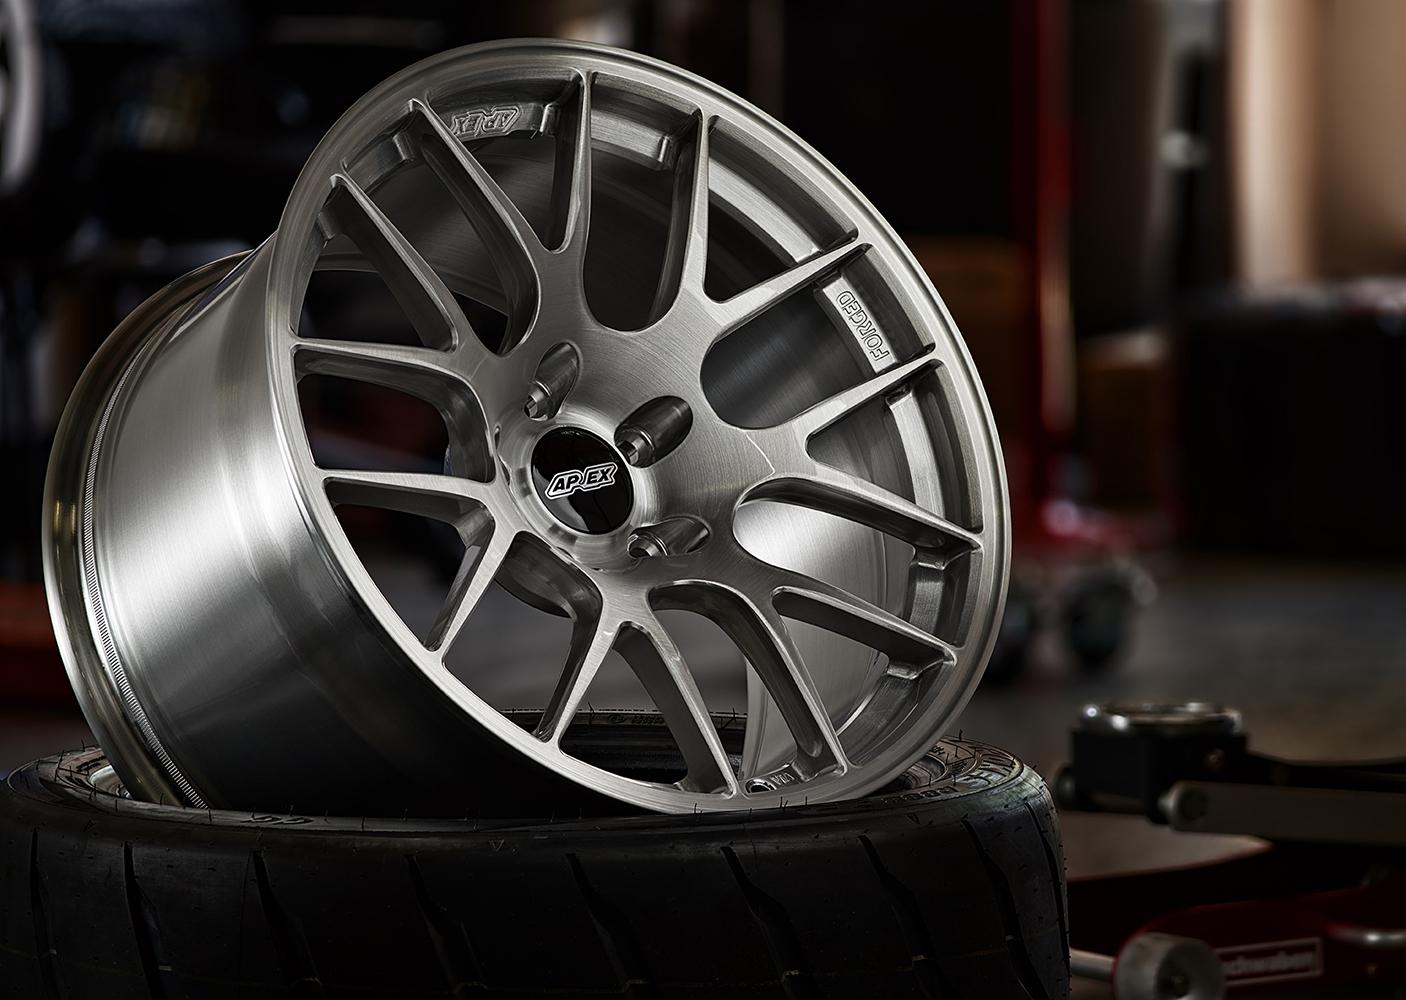 Apex Ec 7r Forged Wheels